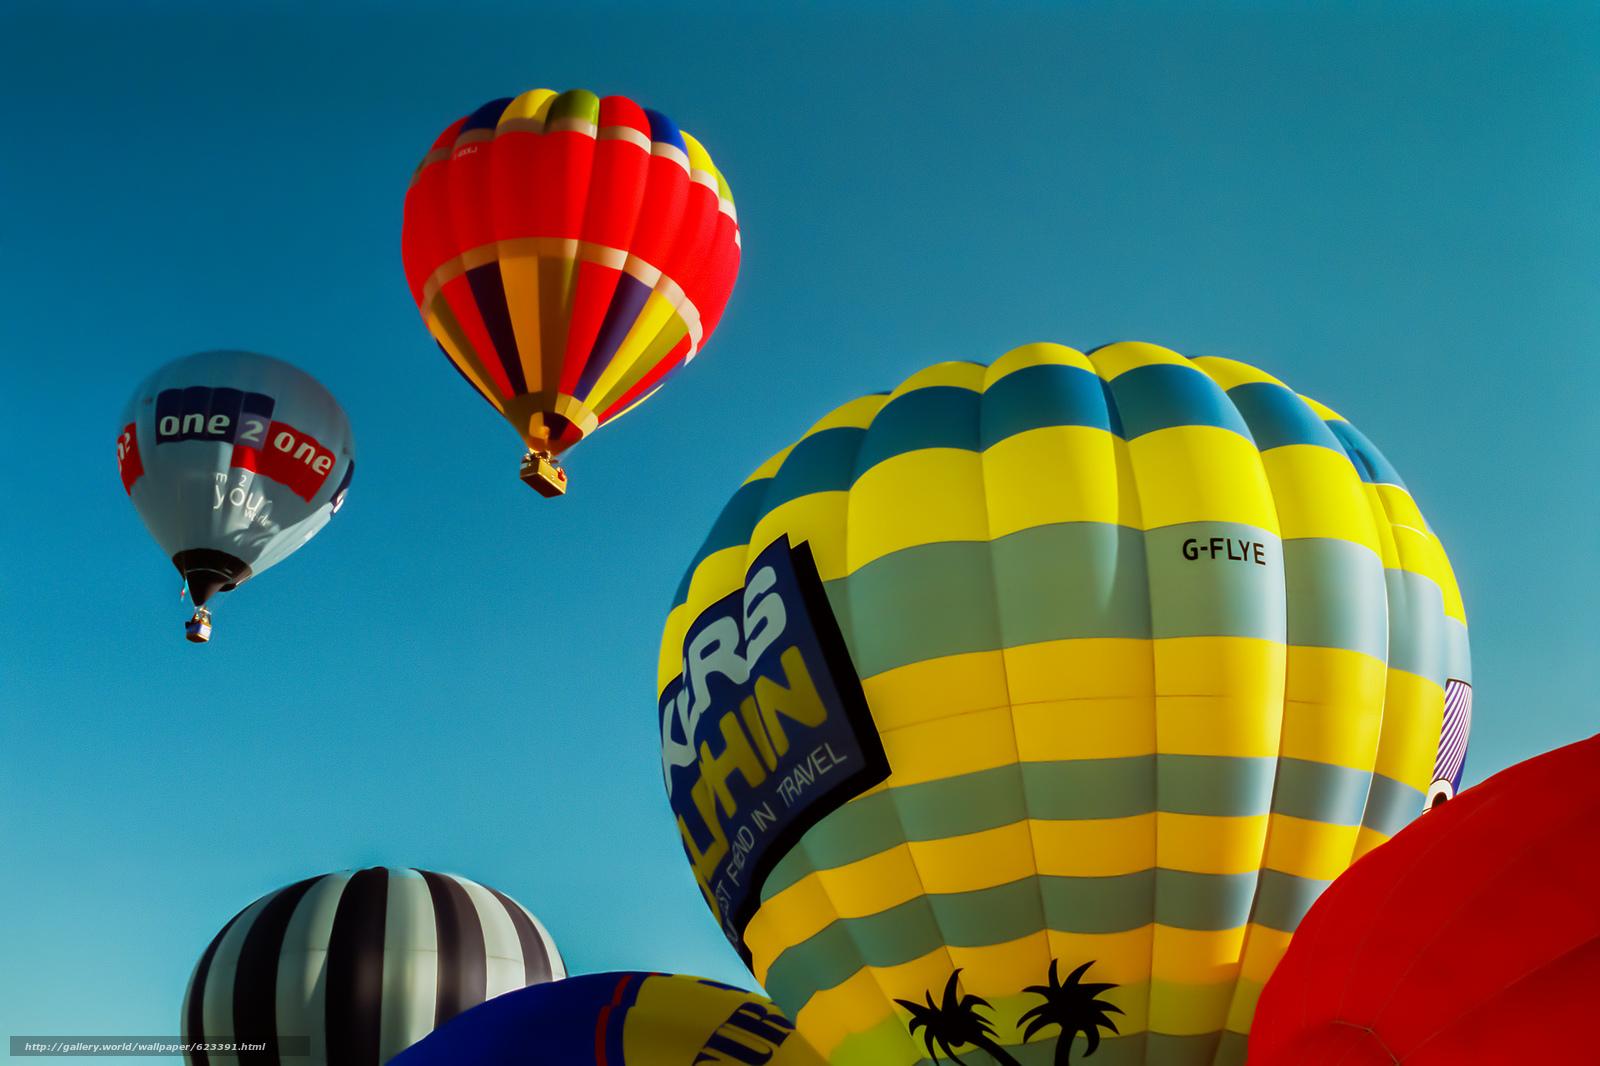 воздушные шары, небо, полёт